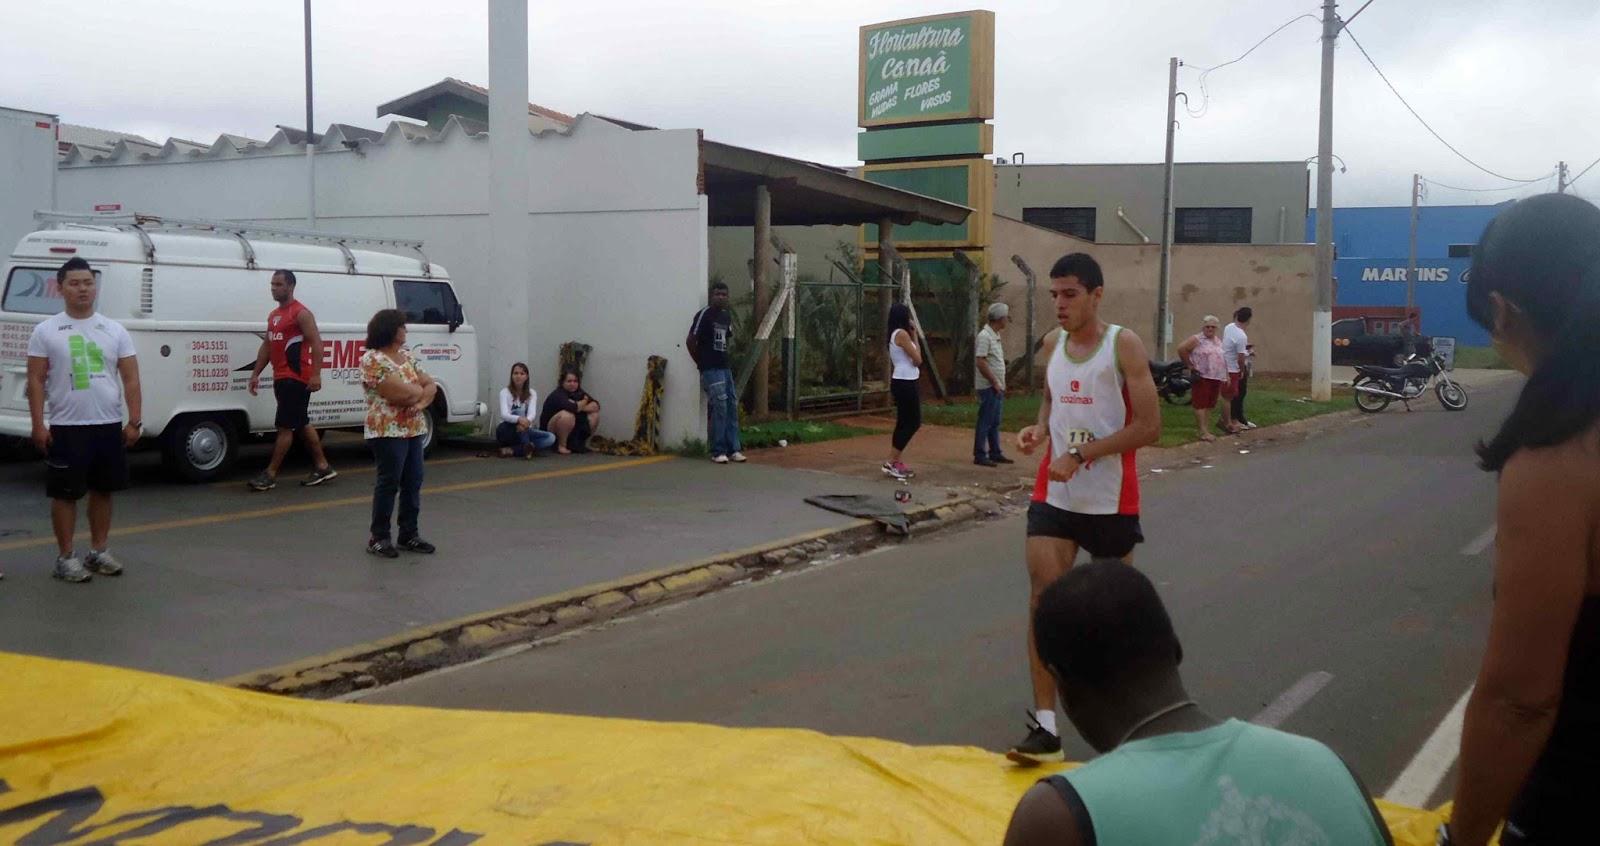 Foto 65 da 1ª Corrida Av. dos Coqueiros em Barretos-SP 14/04/2013 – Atletas cruzando a linha de chegada